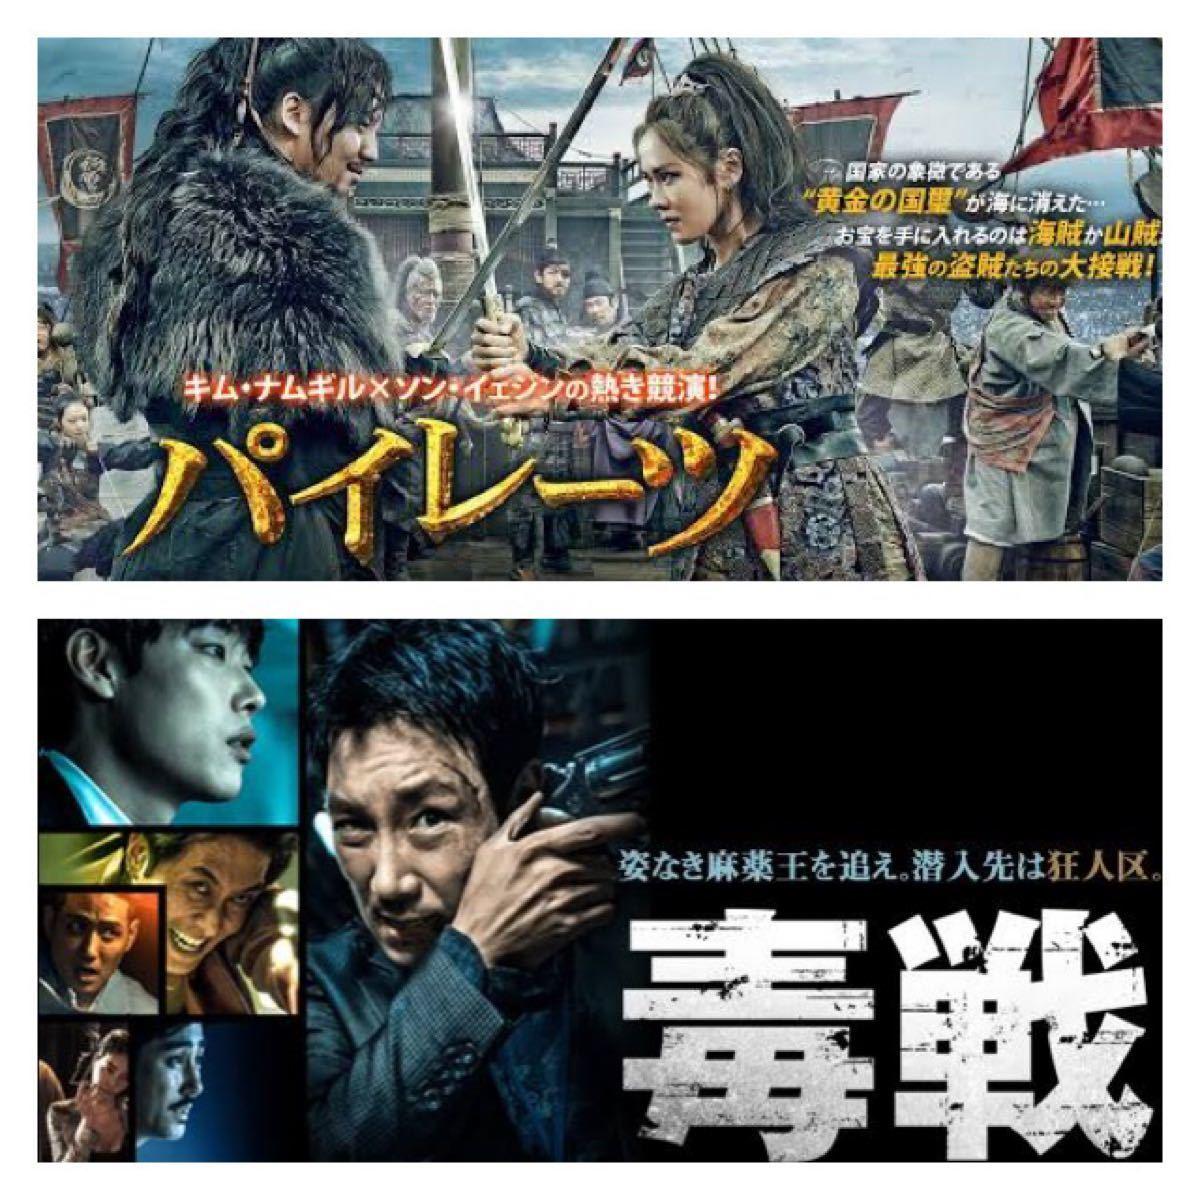 韓国映画DVD2枚セット【毒戦/パイレーツ】